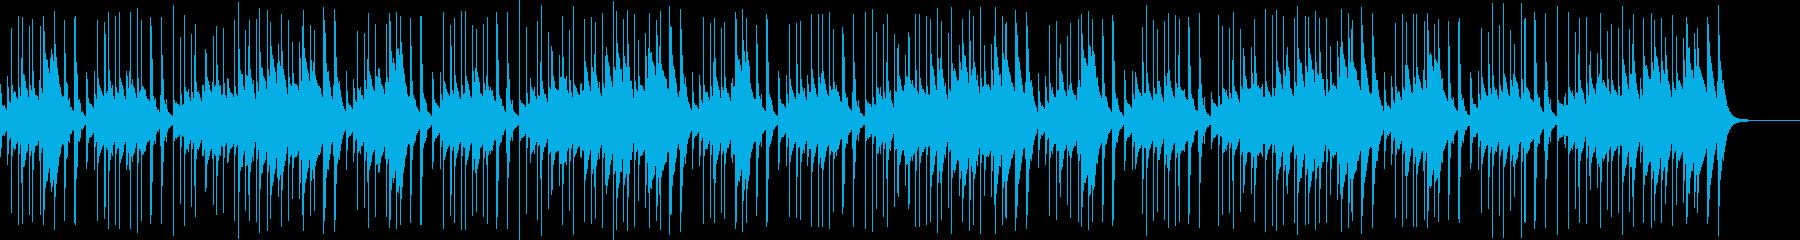 「幸せなら手を叩こう」オルゴール版の再生済みの波形